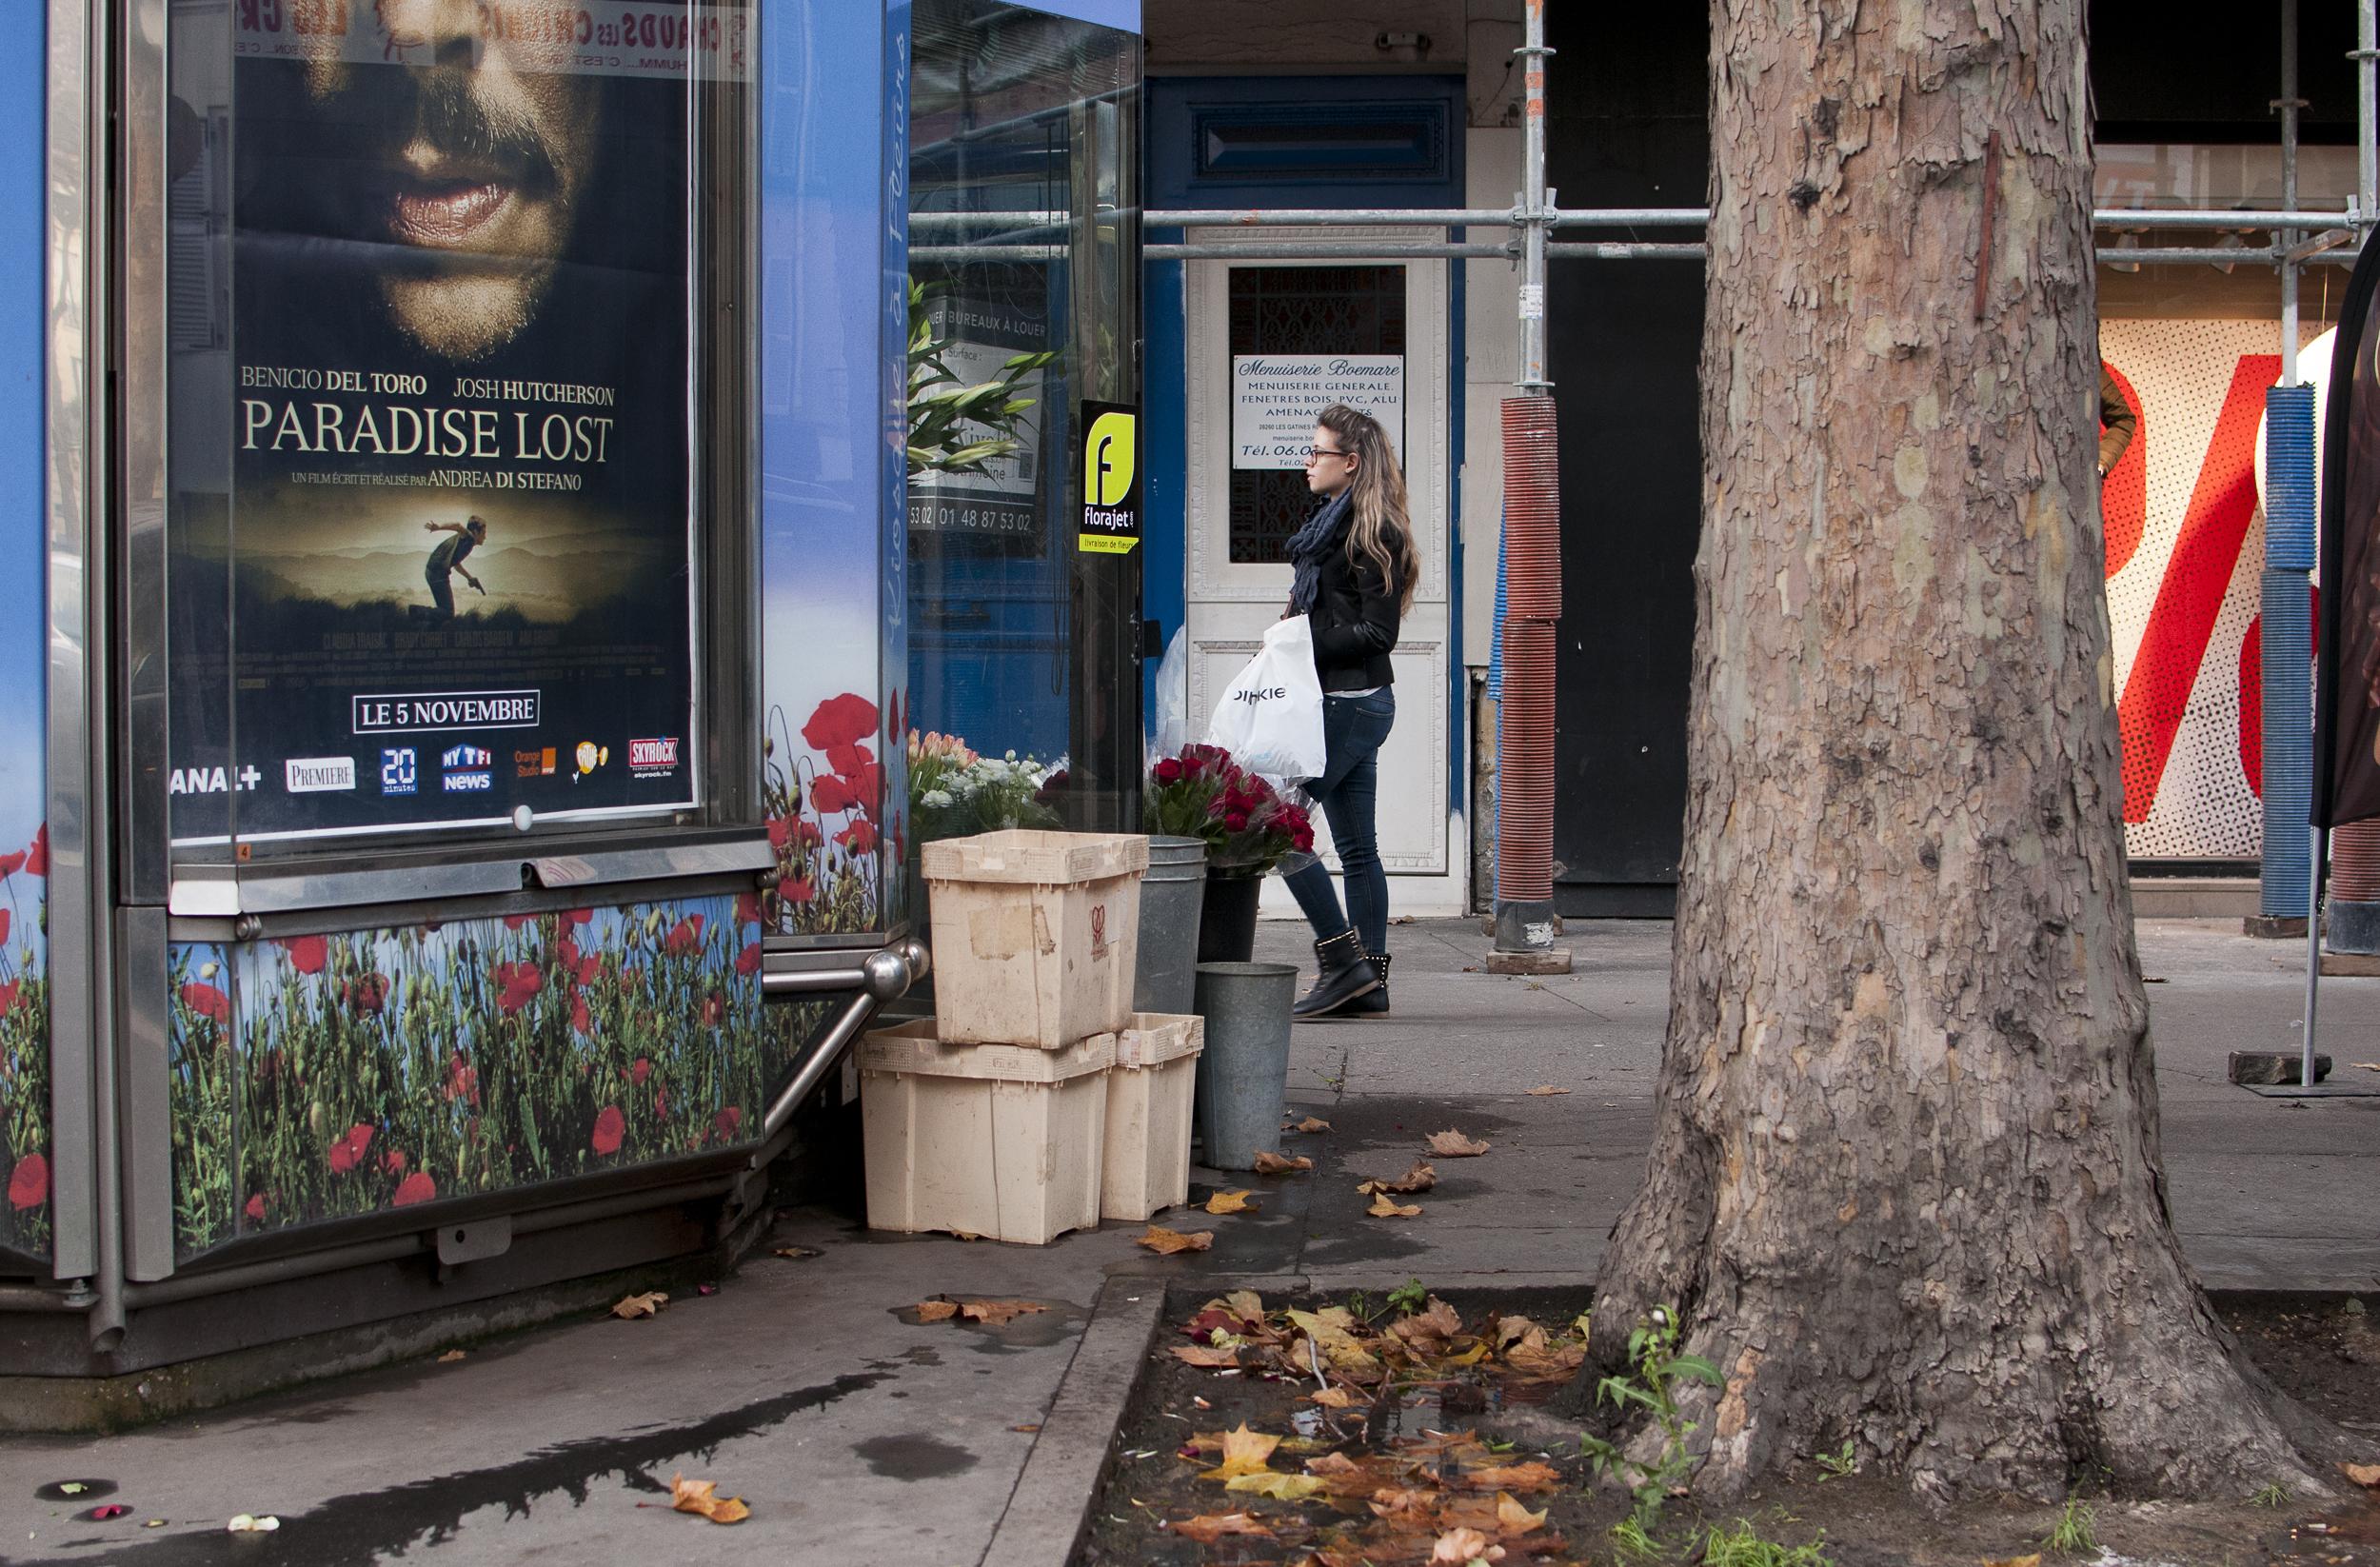 3eme arrondissement, November 2014.